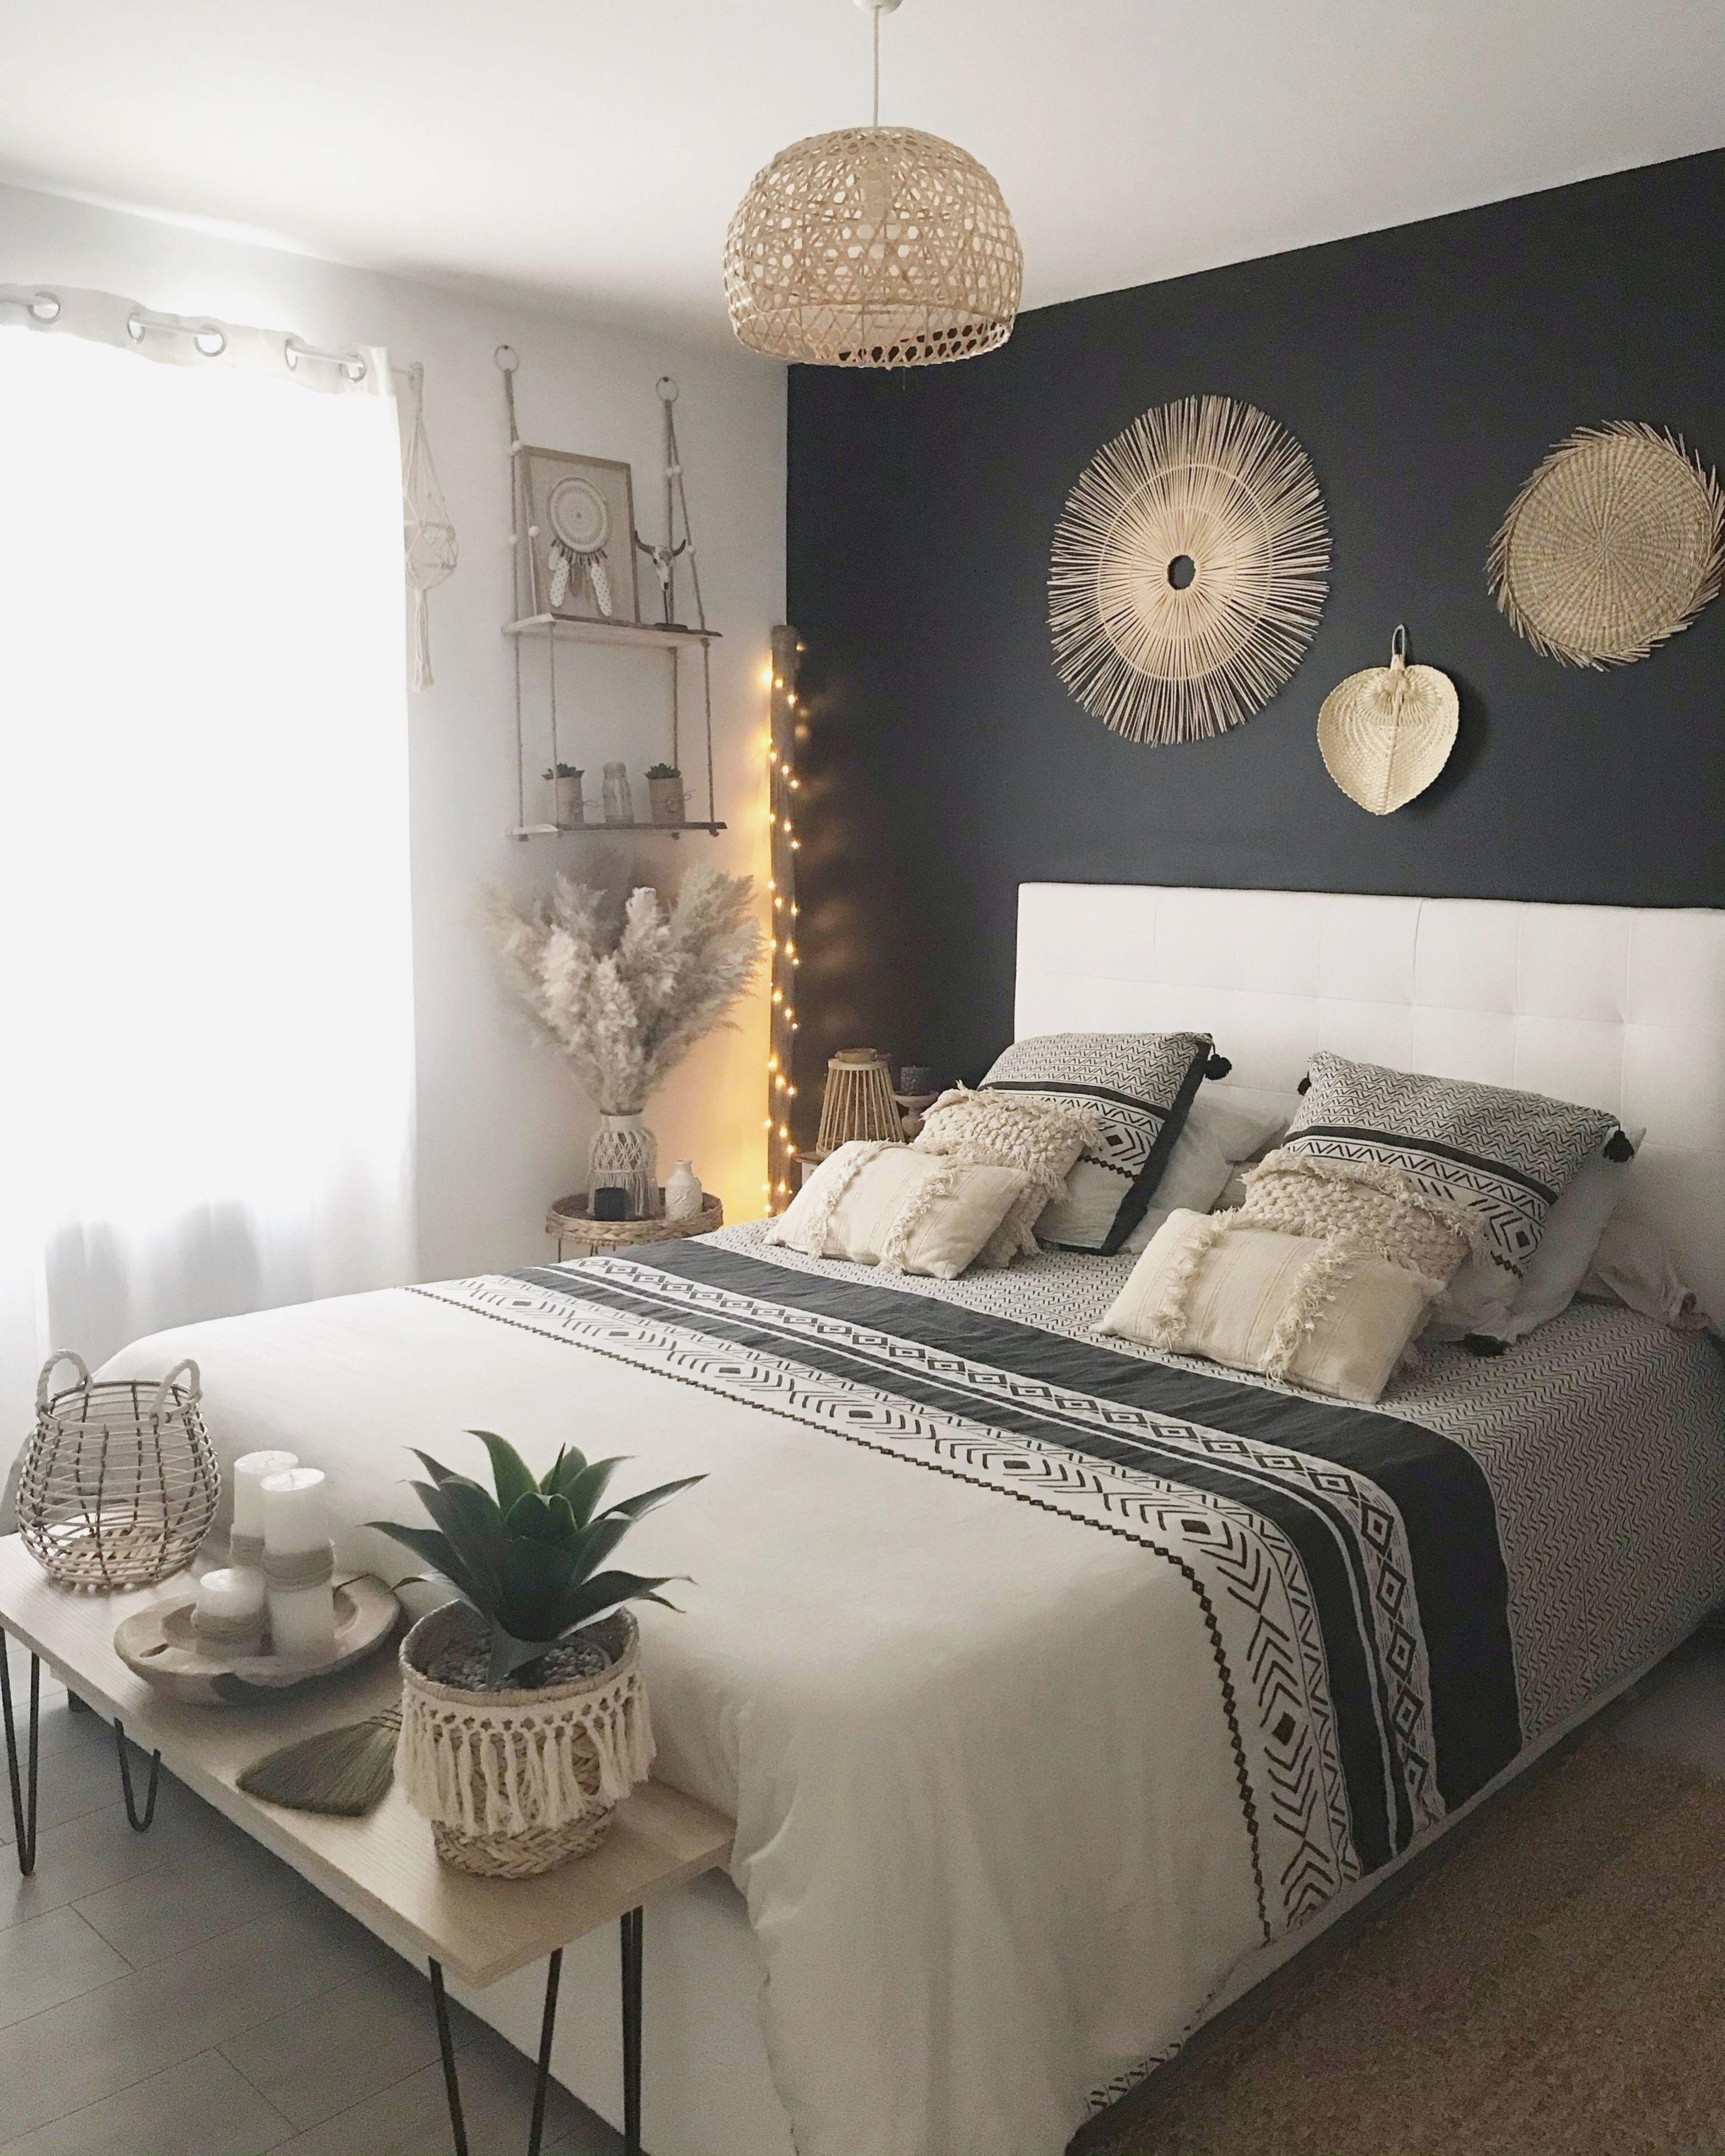 Zimmer bohemian style... R in schwarz matt... Dekoration holz ...